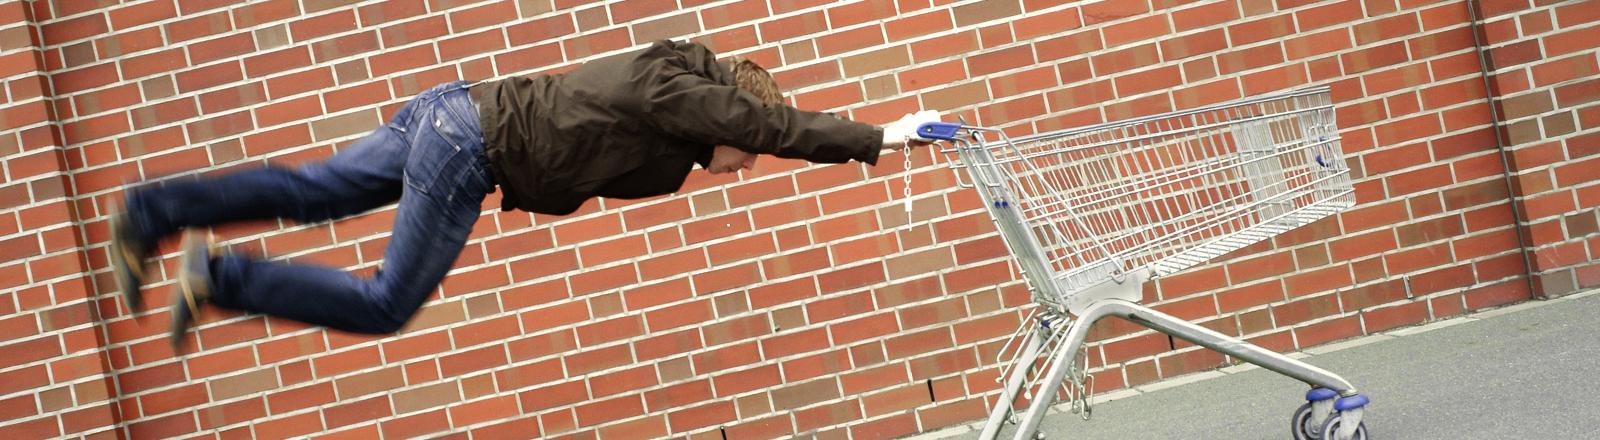 Ein Mann hängt in der Luft hinter einem leeren Einkaufswagen.